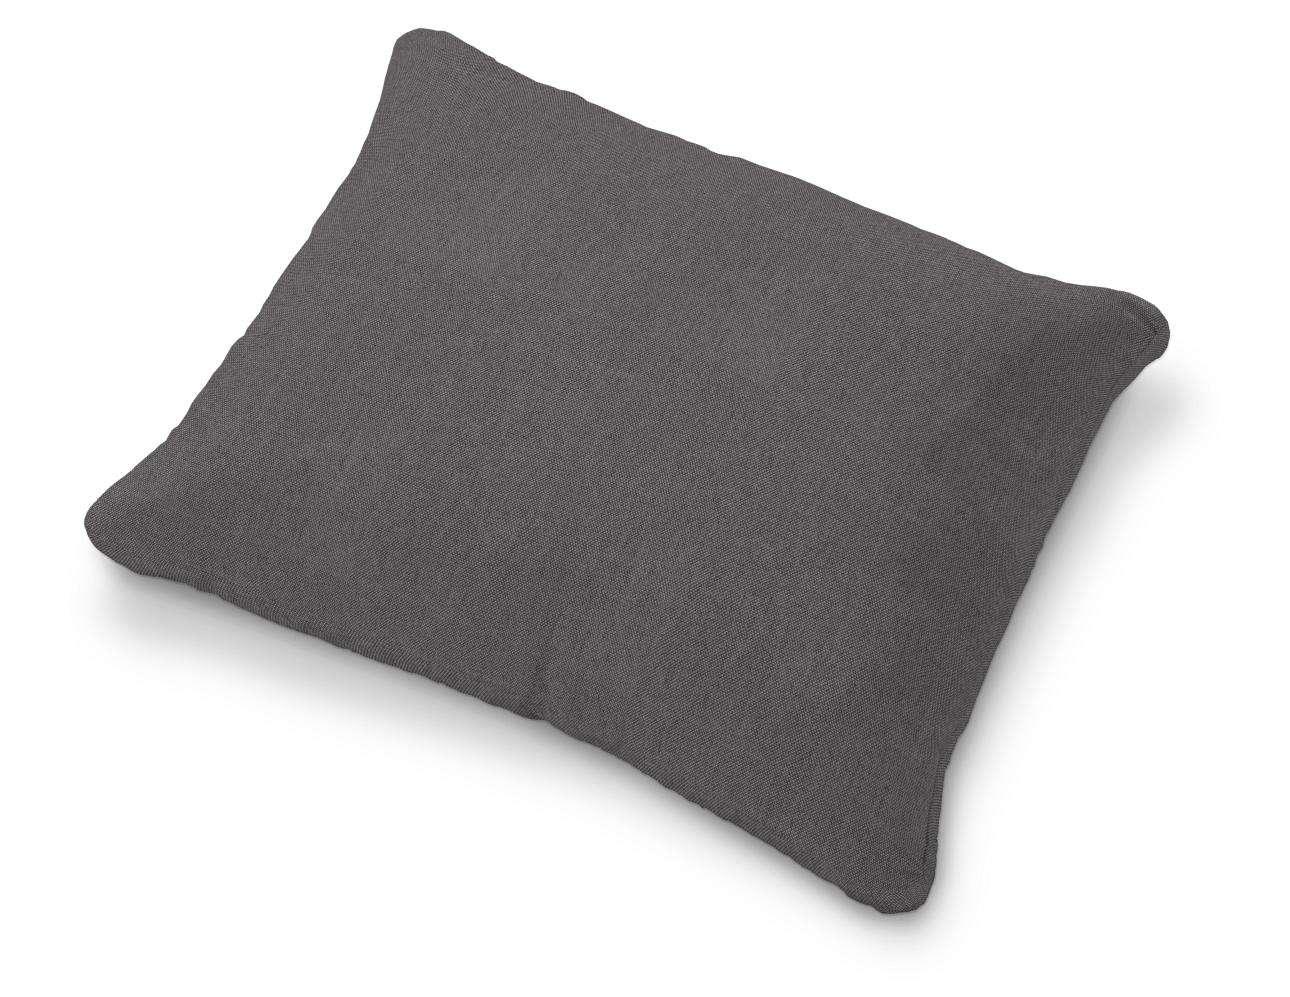 Poszewka na poduszkę Karlstad 58x48cm w kolekcji Etna , tkanina: 705-35